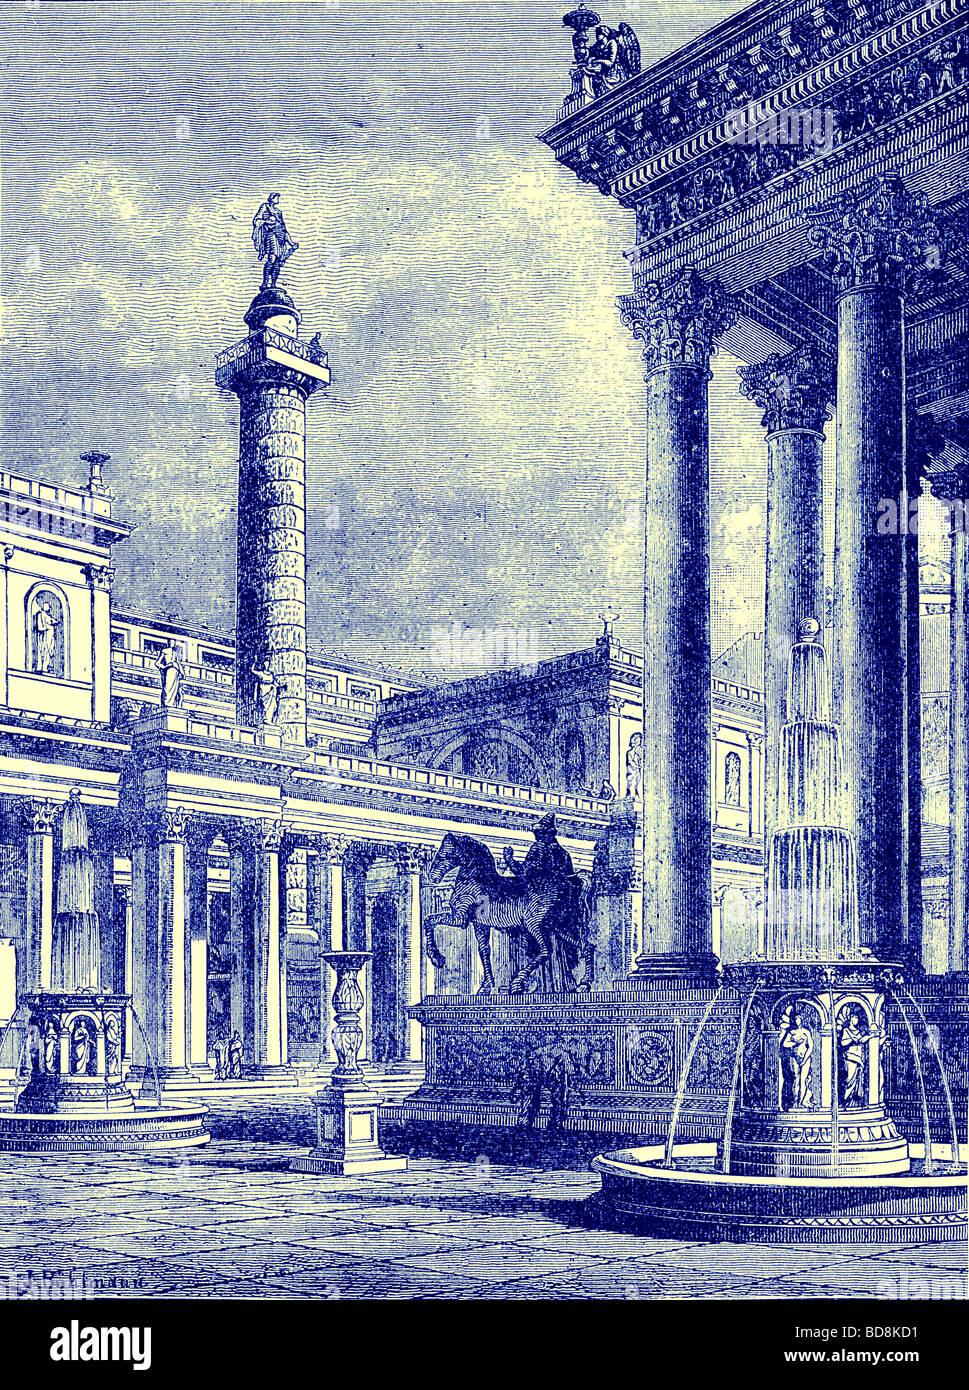 Le forum et la colonne de Trajan Illustration de Cassell s'illustre l'histoire universelle par Edward Ollier Photo Stock